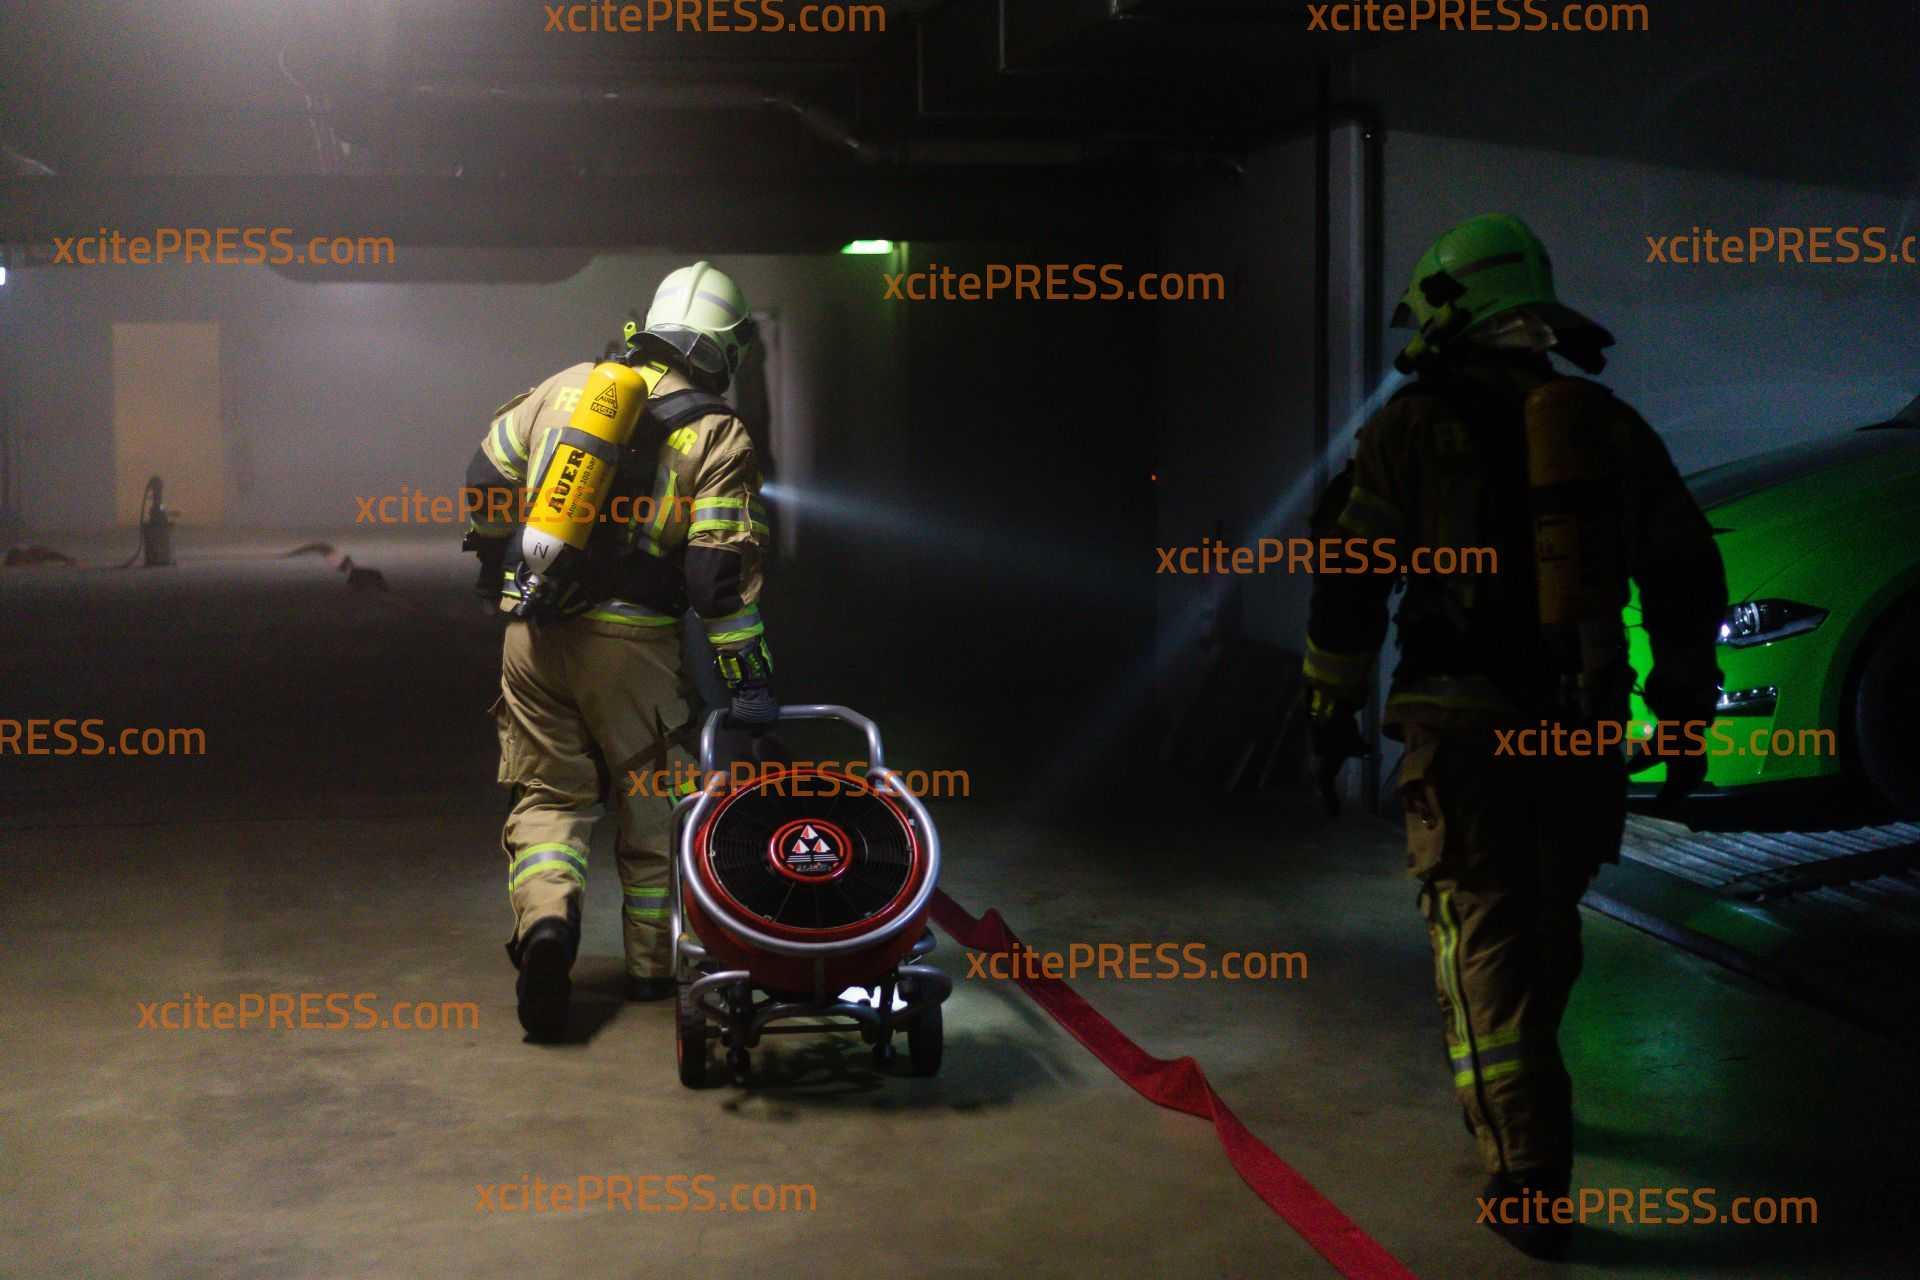 Feuerwehr übt Vorgehen bei Brand in Tiefgarage: Zahlreiche Schaulustige verfolgen das Geschehen